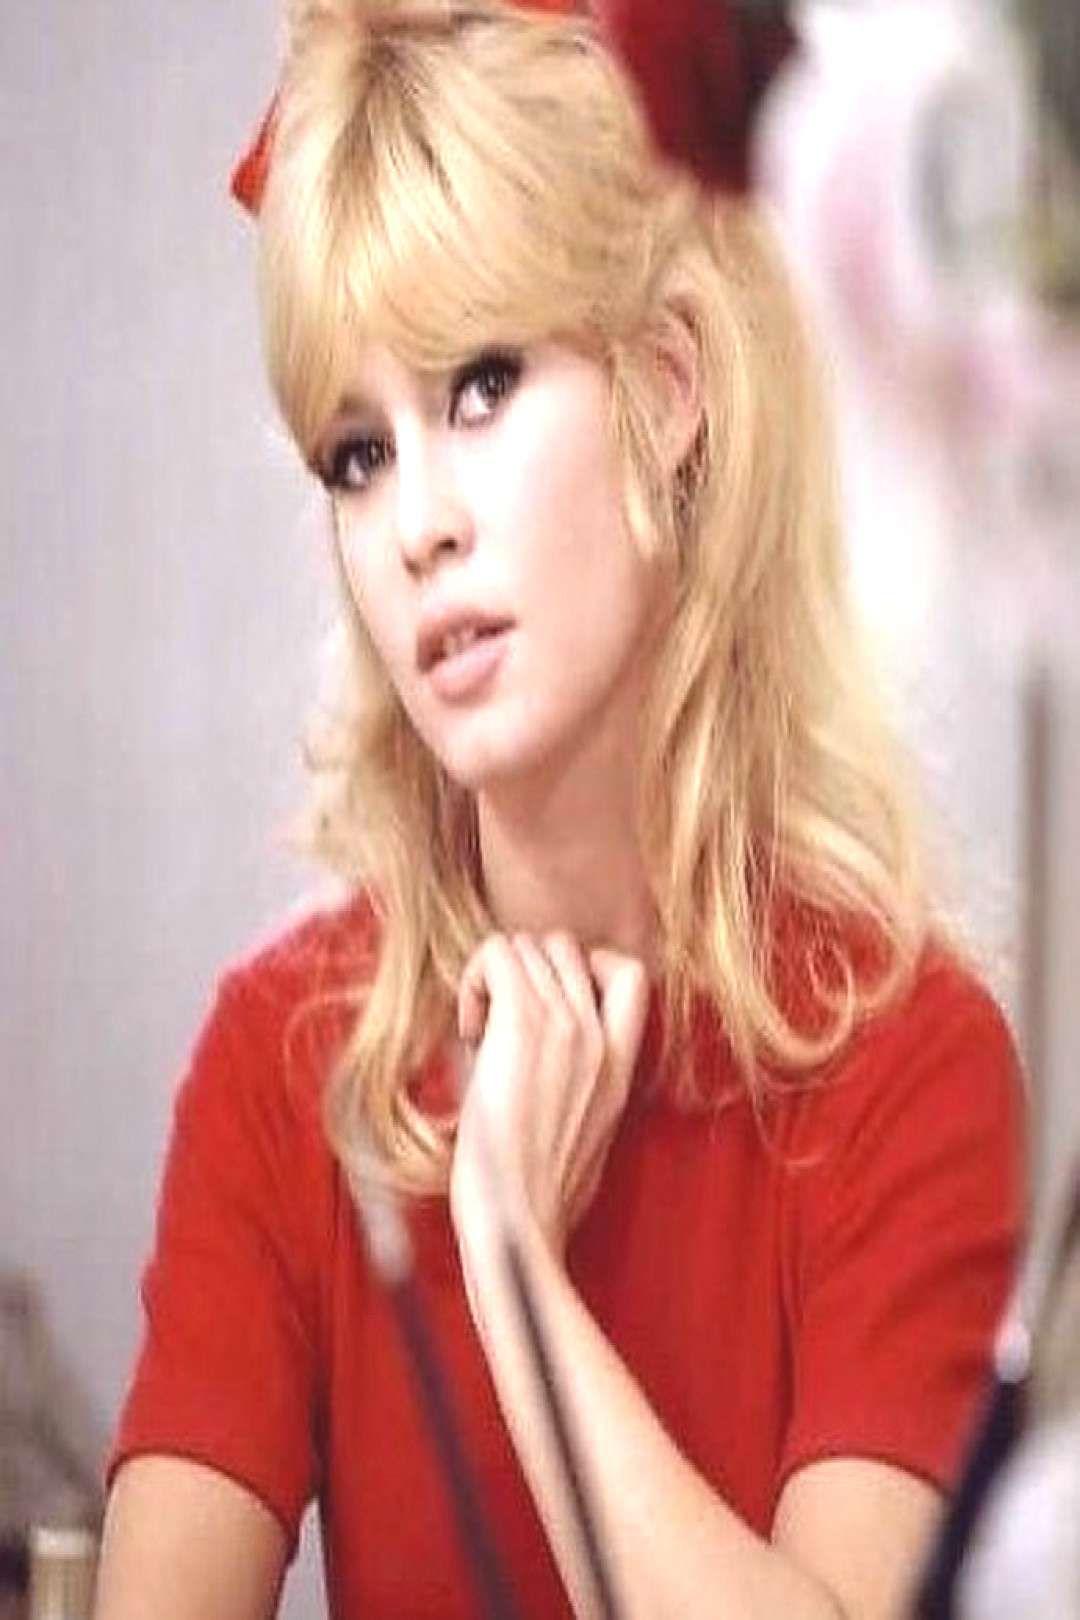 #brigittebardot #60sfashion #70sfashion #brigitte #bardot #person #1960s #1970s #1 Brigitte Bardot 60sfashion 1960s 70sfashion 1970s brigittebardot You can find 60s fashion and more on our website.Brigitte Bardot 60sfashion 1960s 7...